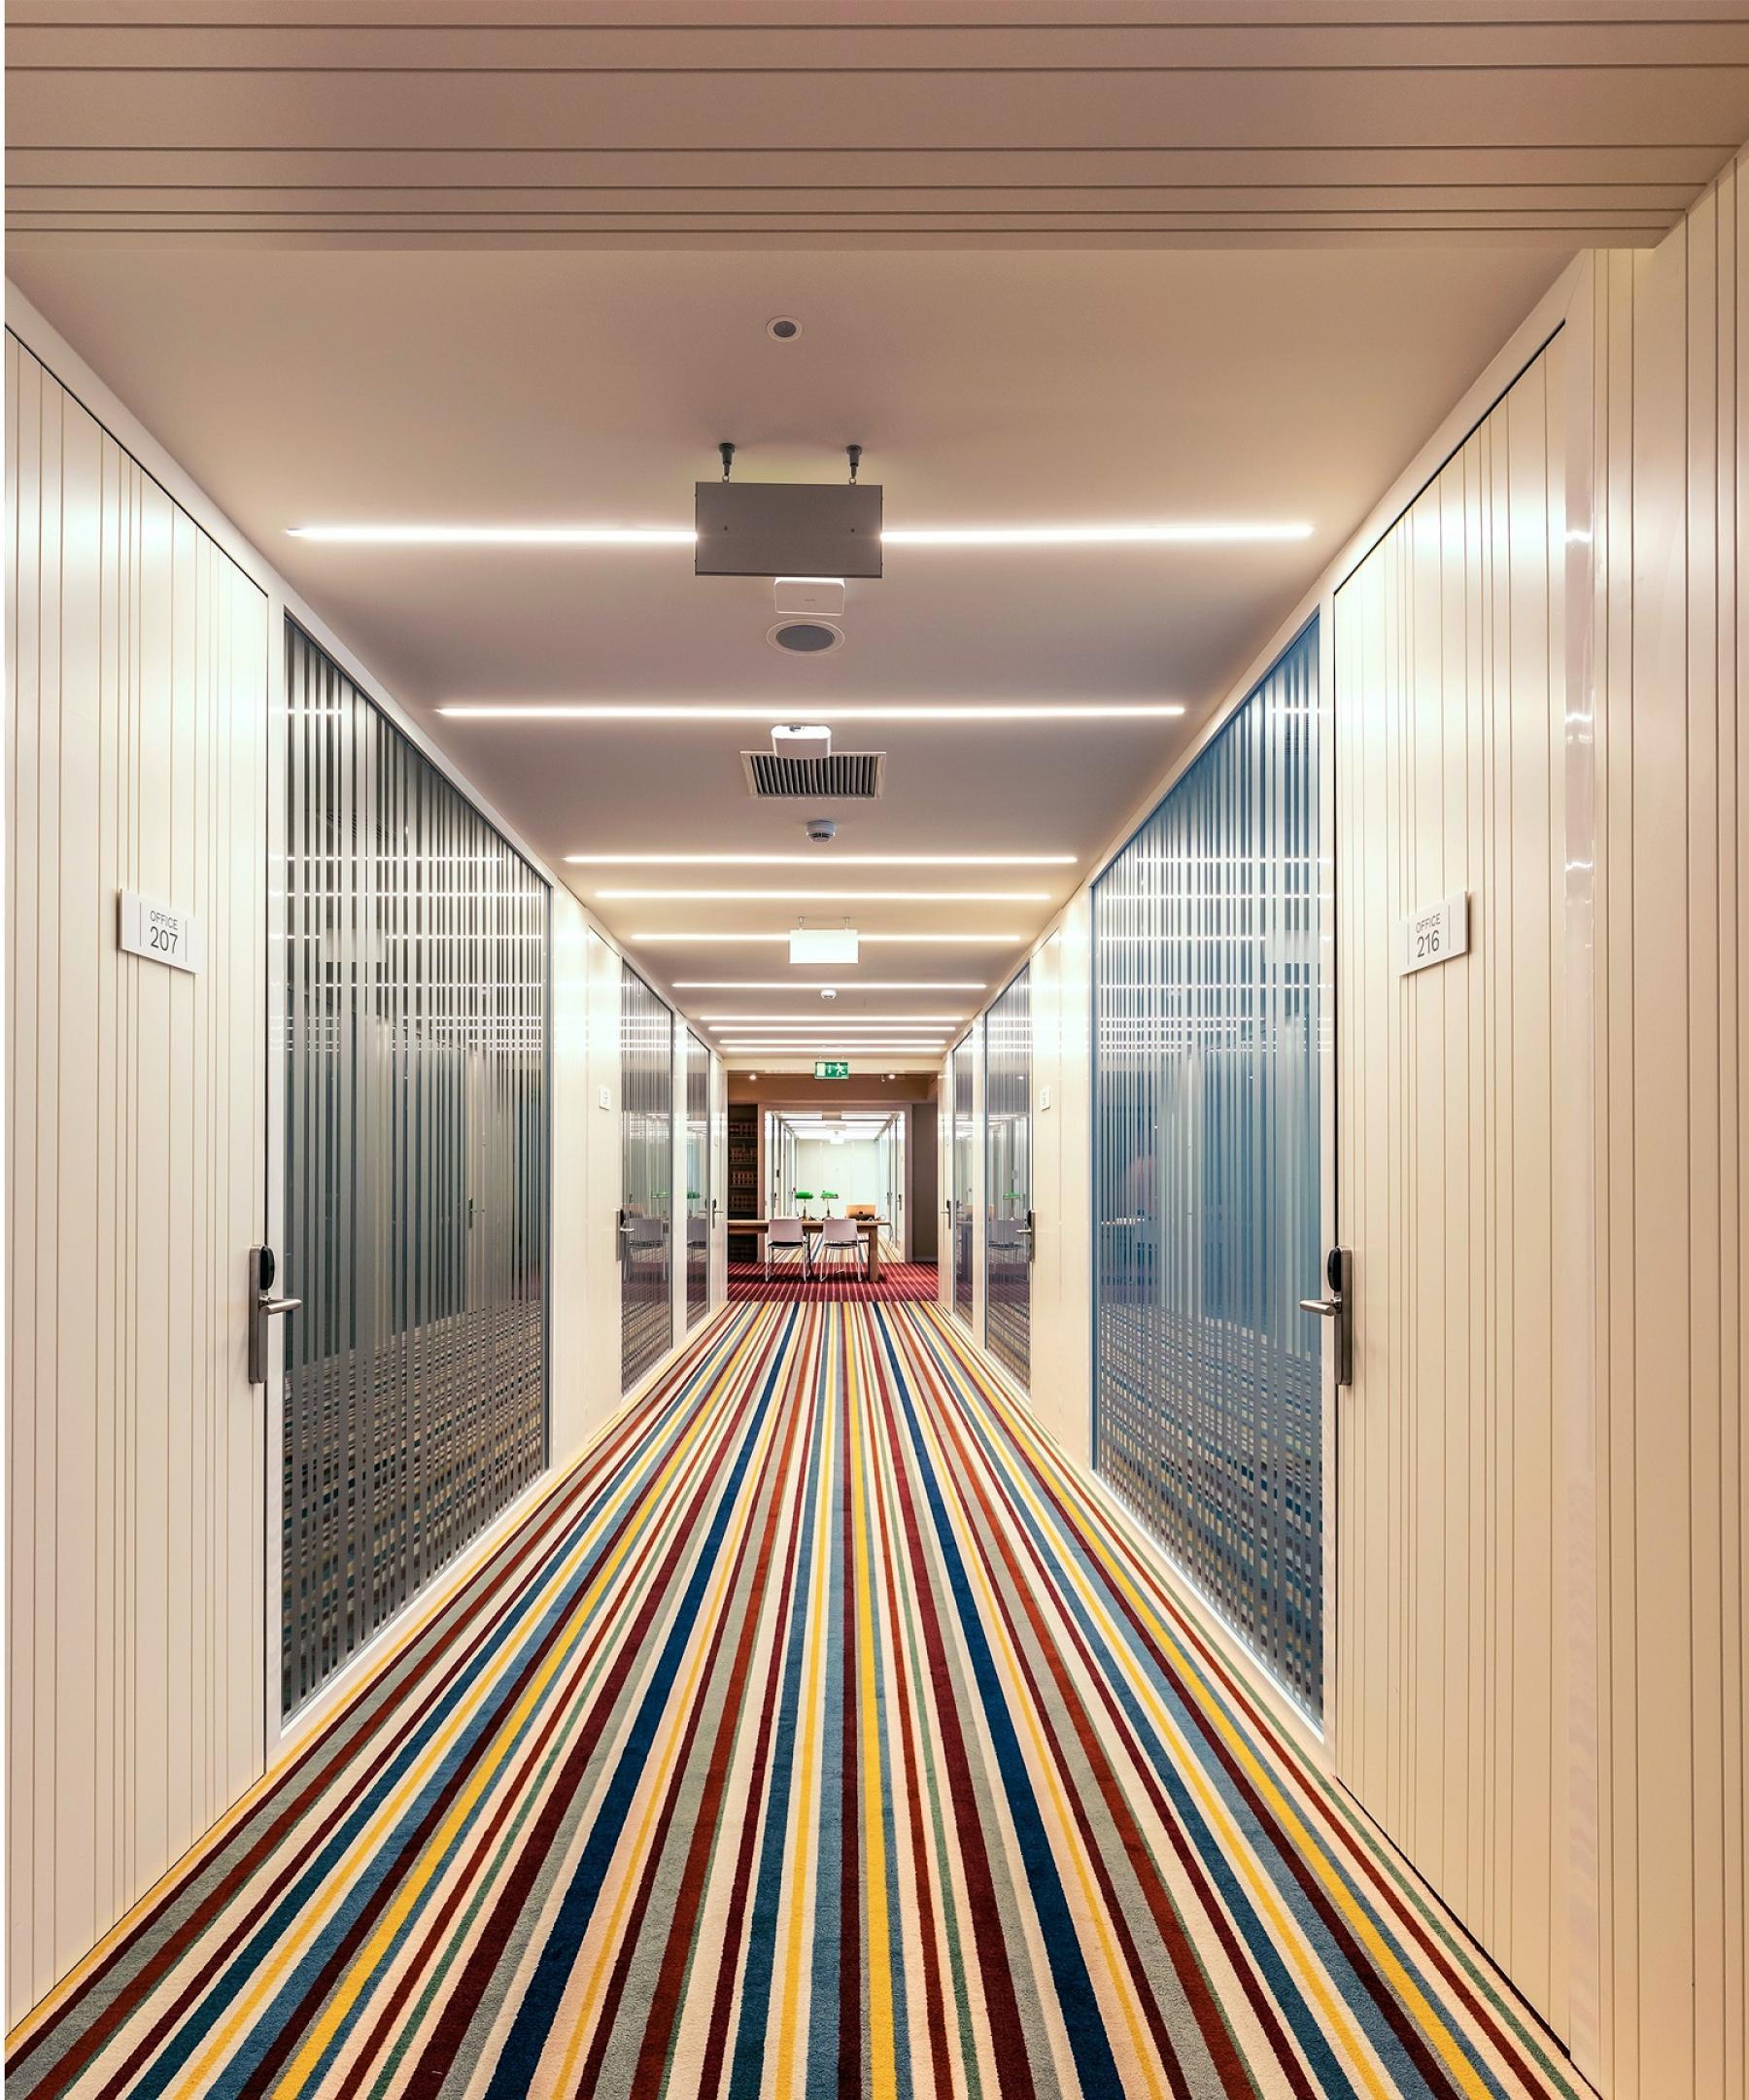 Alquilar oficinas Calle José Abascal 56, Madrid (5)